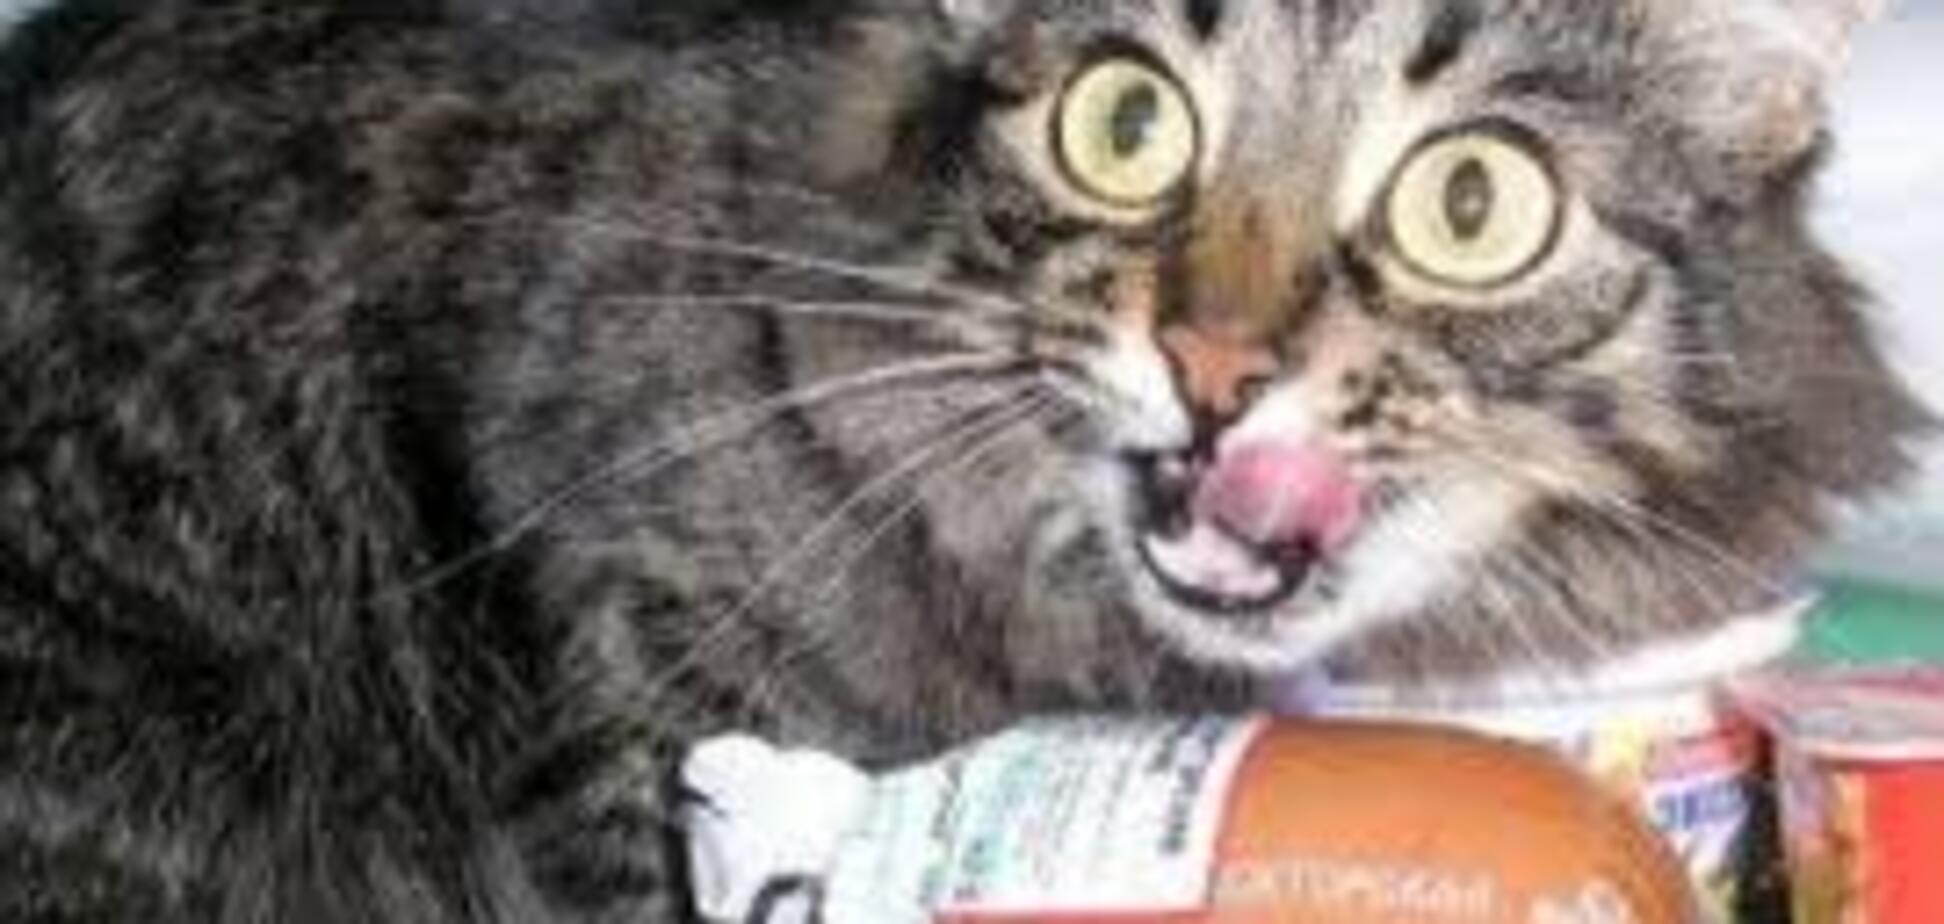 'Хорошая колбаса, надо брать!' Киевлян поразило видео с котом, который 'взломал' супермаркет